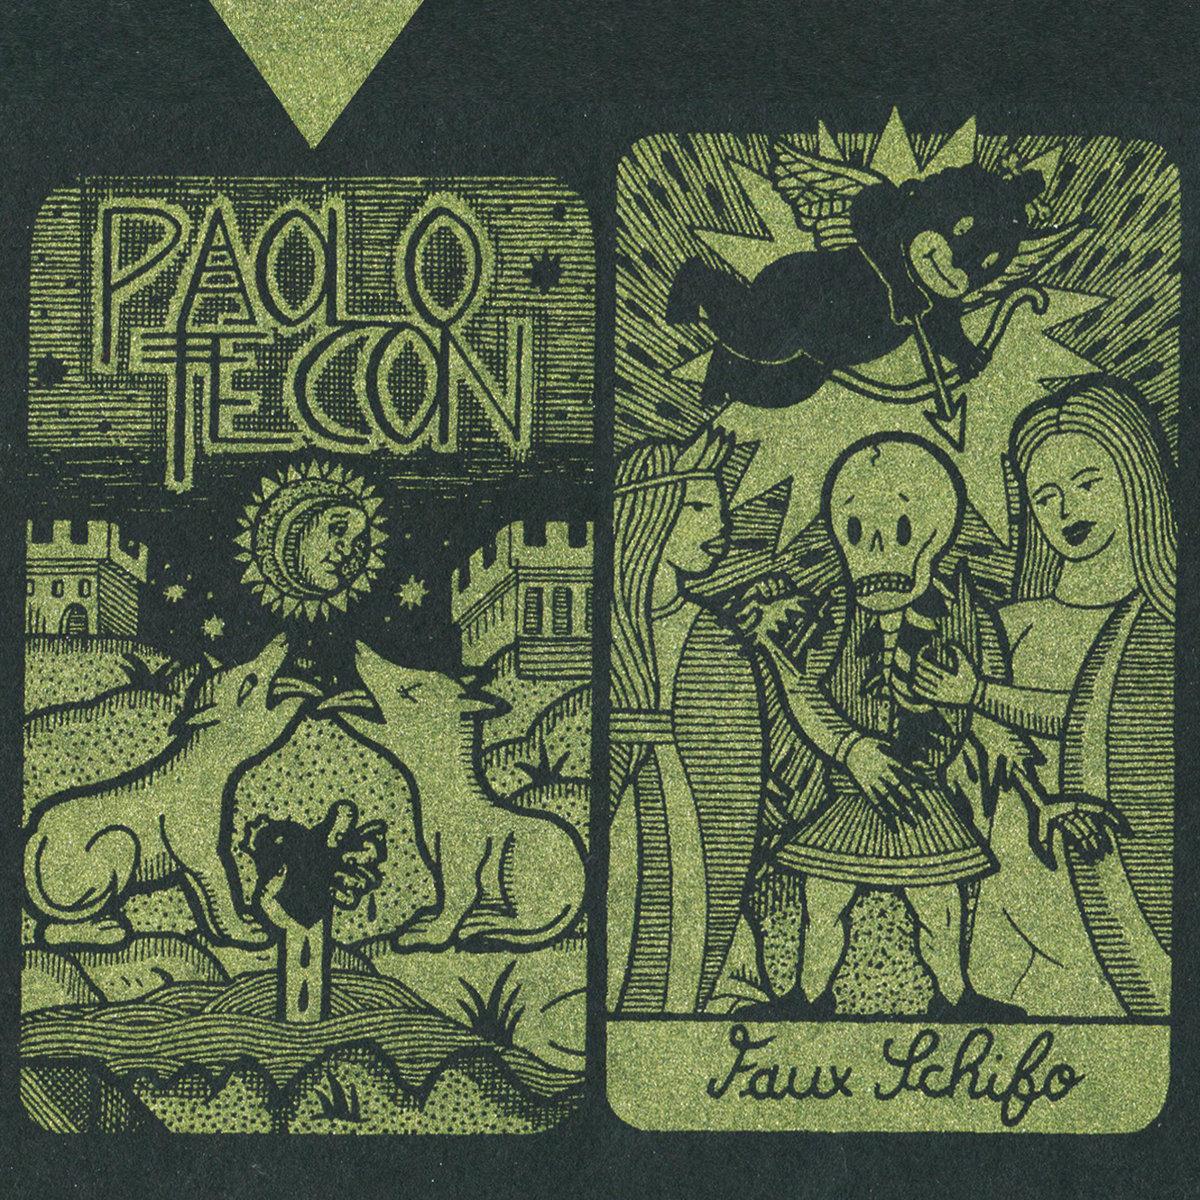 PAOLO TÉCON | K7